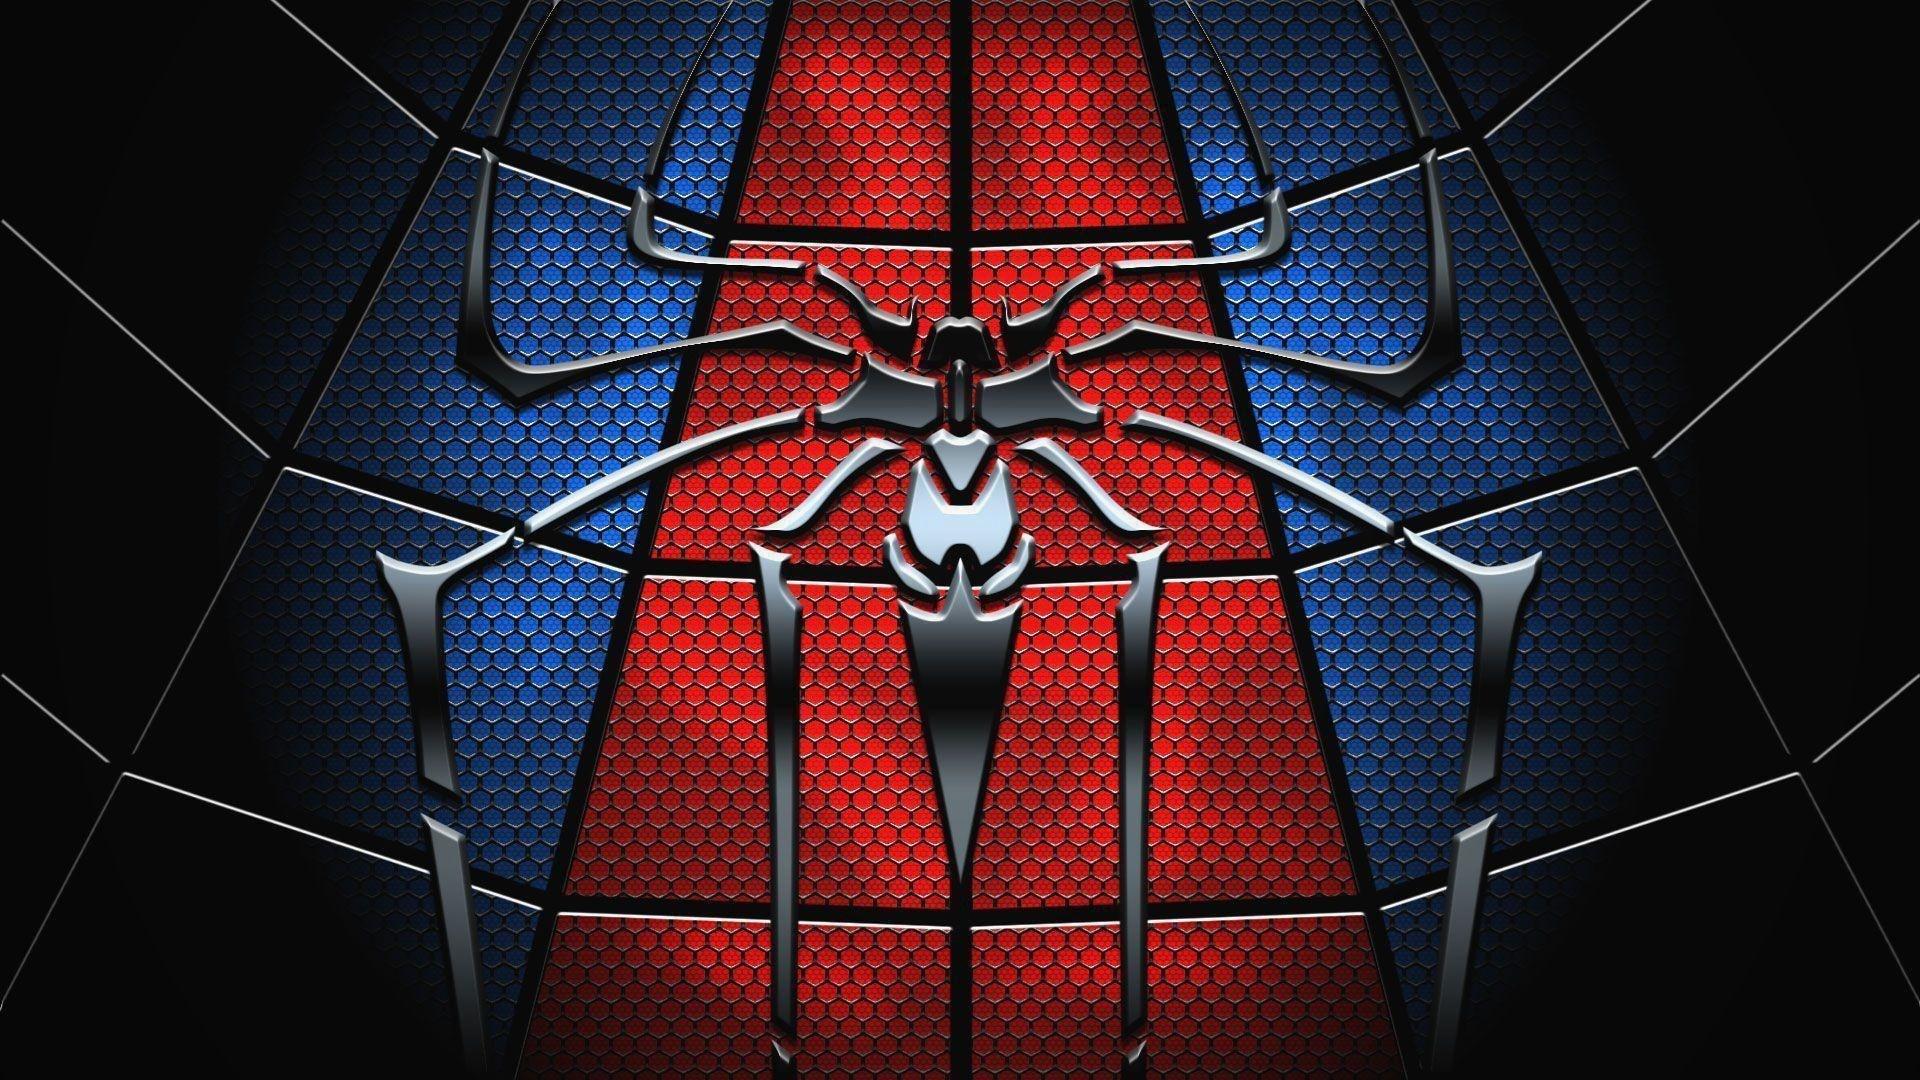 Spiderman Logo Wallpaper Hd Spider Man Logo Wallpaper 4k